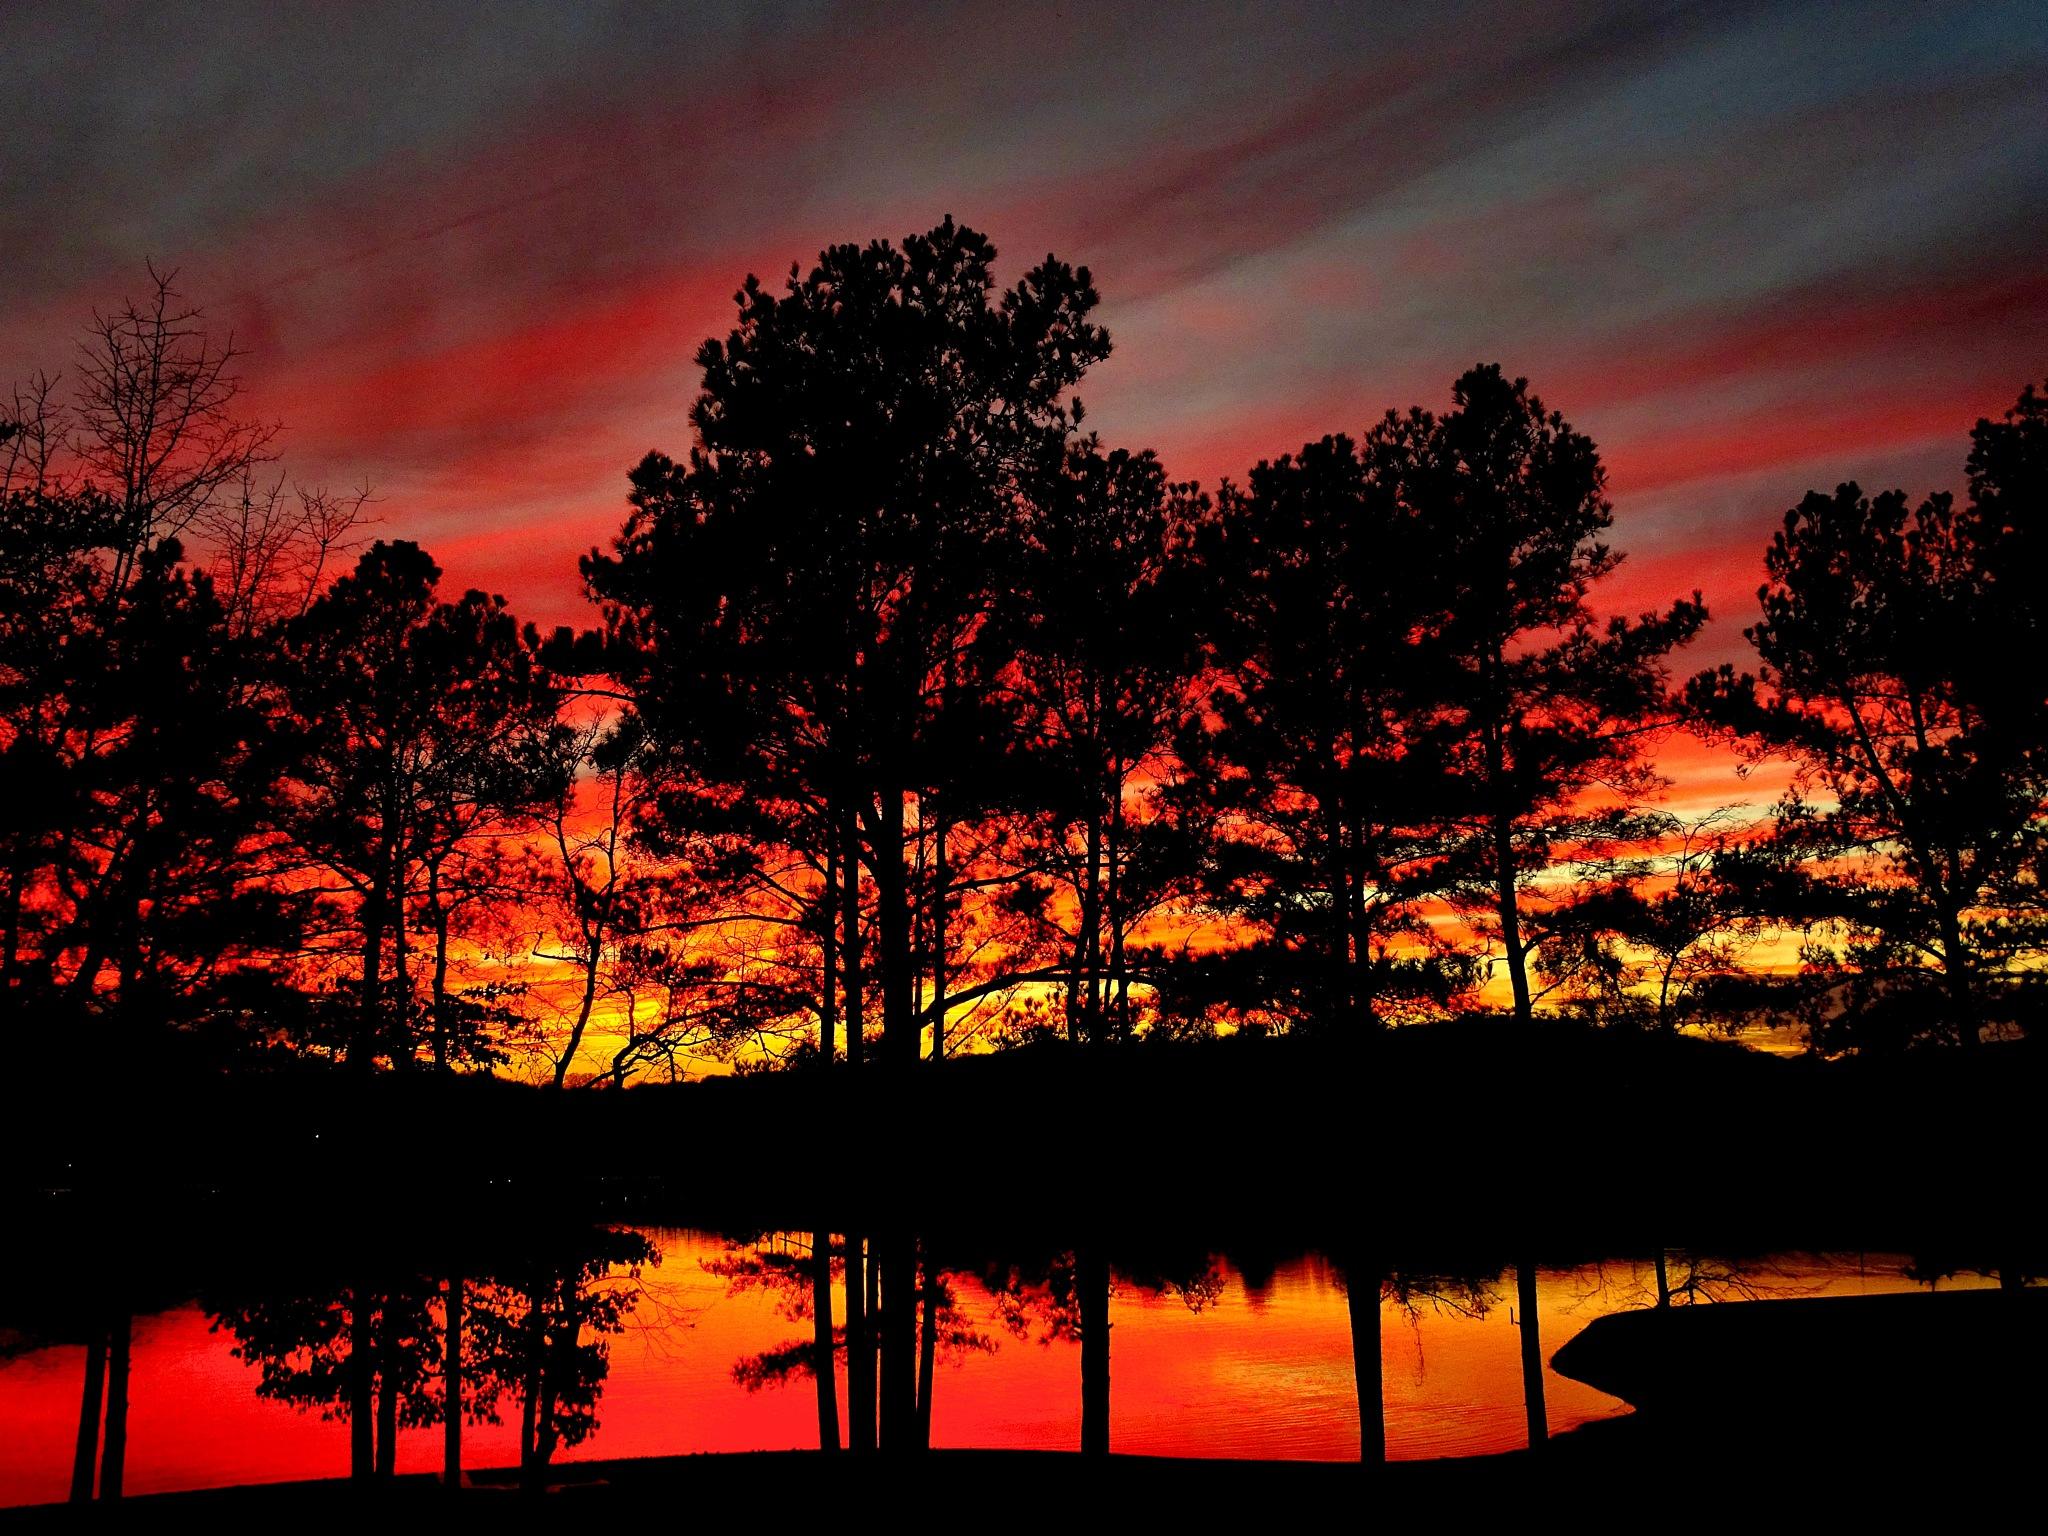 Sunset by Patty Stockton